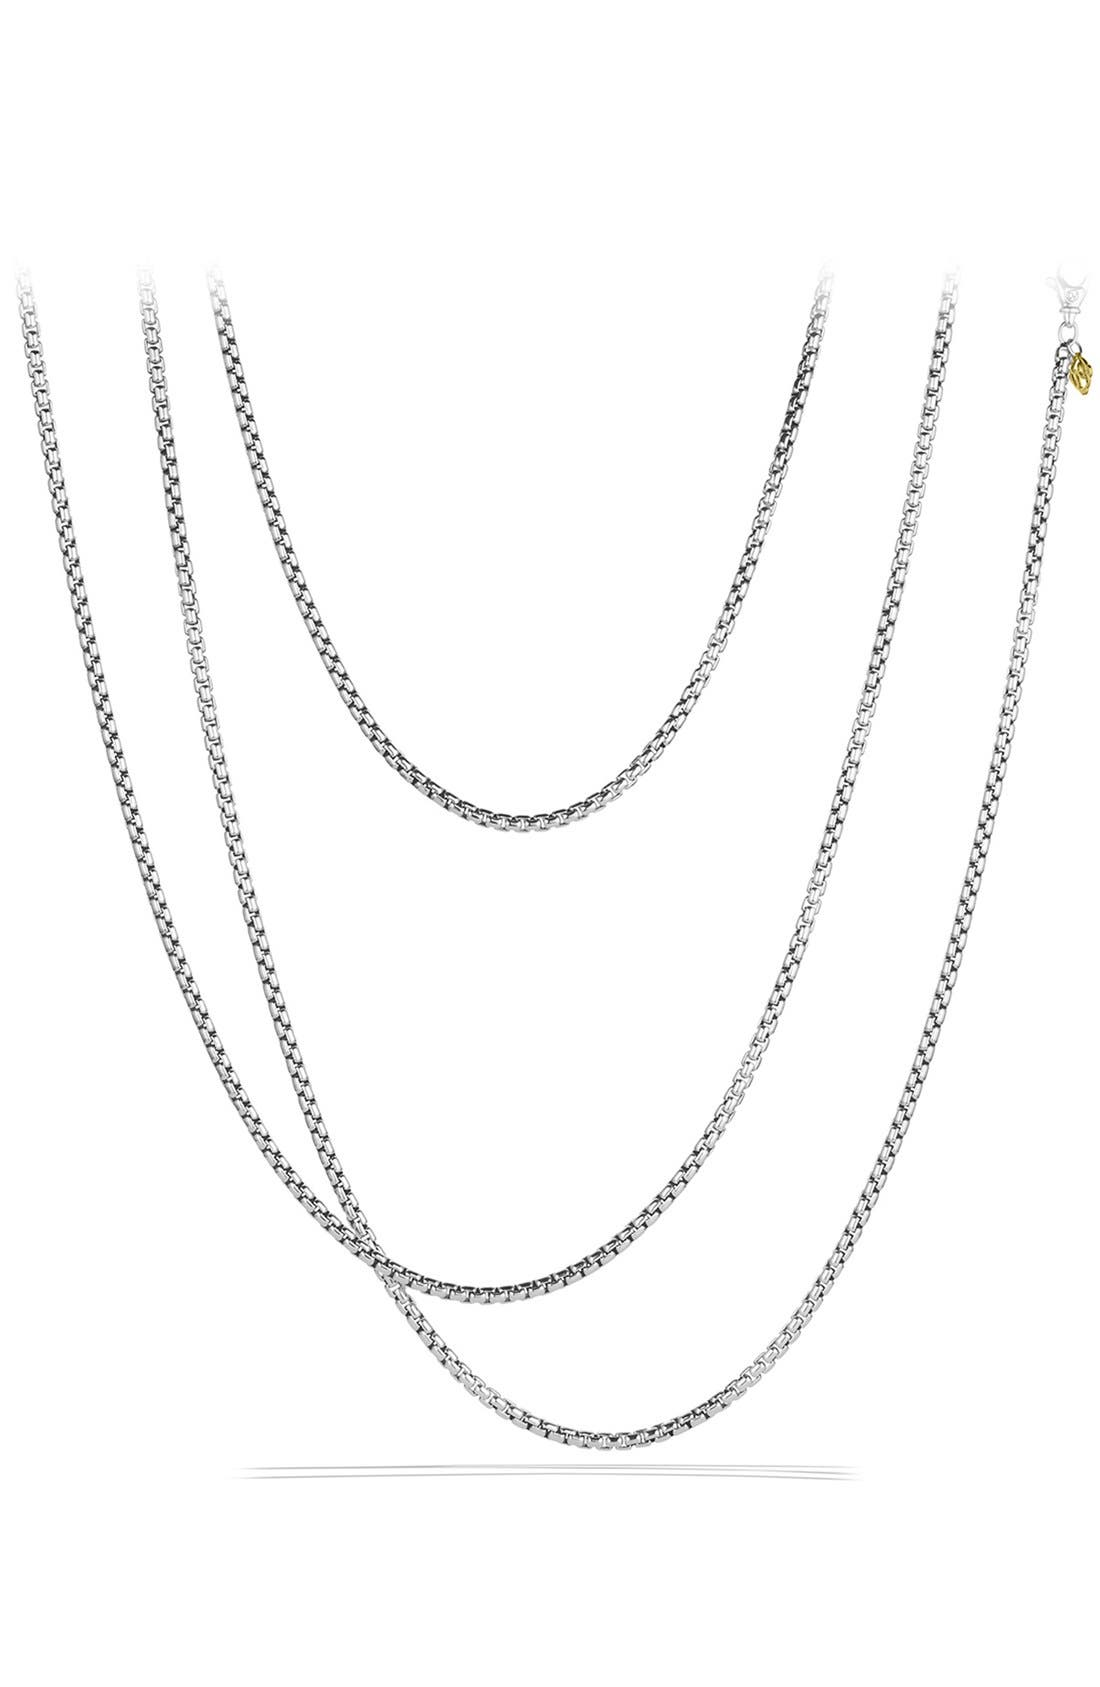 DAVID YURMAN Chain Medium Box Chain with Gold